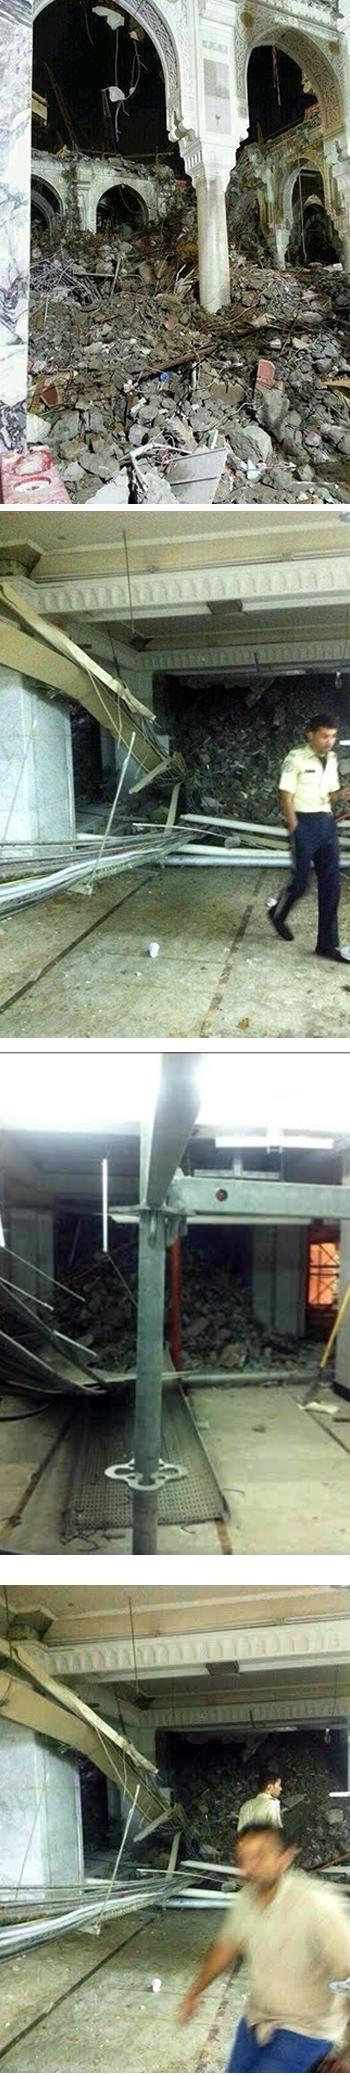 انهيار بدروم بالمسجد الحرام 1435 , شاهد بالصور انهيار بالمسجد الحرام 2013